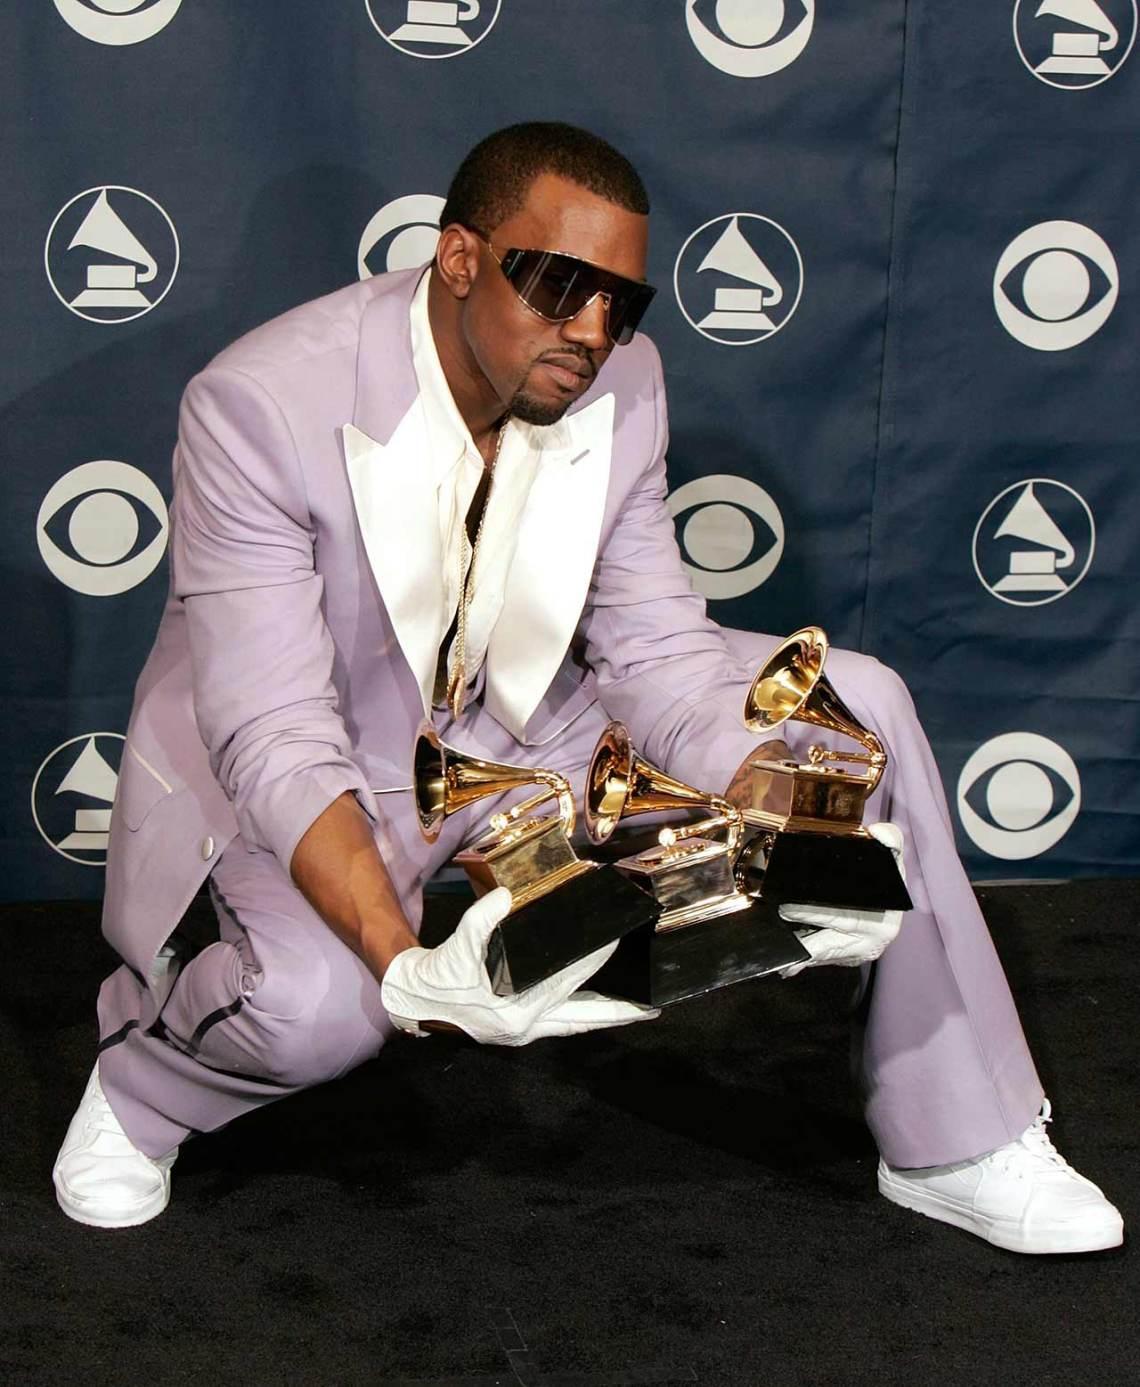 Kanye West in the Vans Sk8-Hi